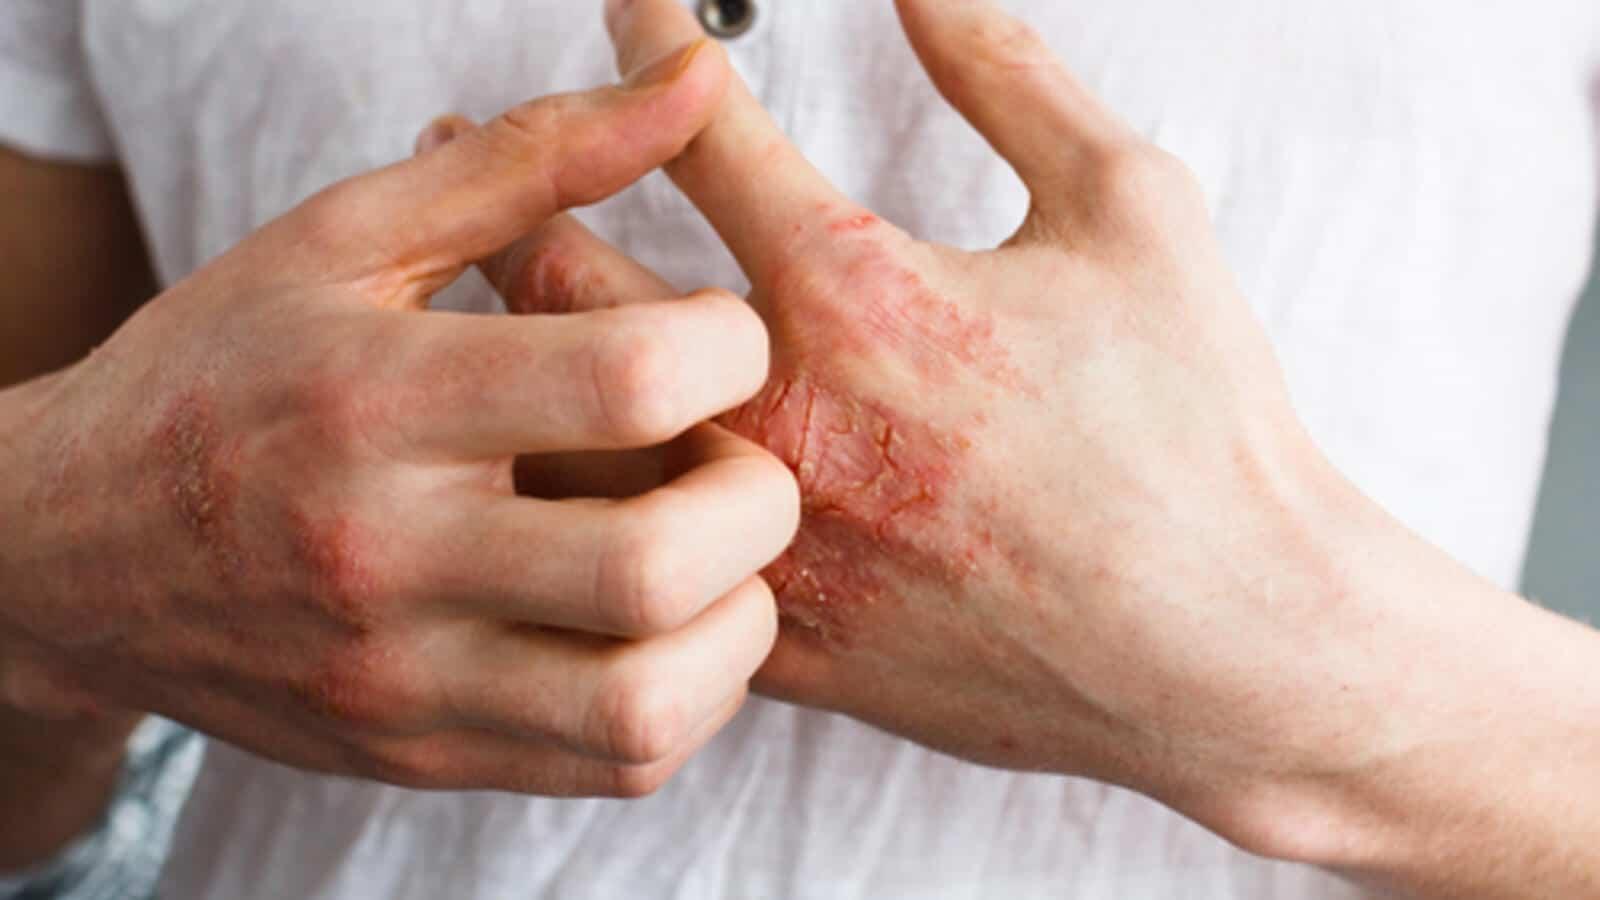 علاجات منزلية طبيعية للتخفيف من الإكزيما